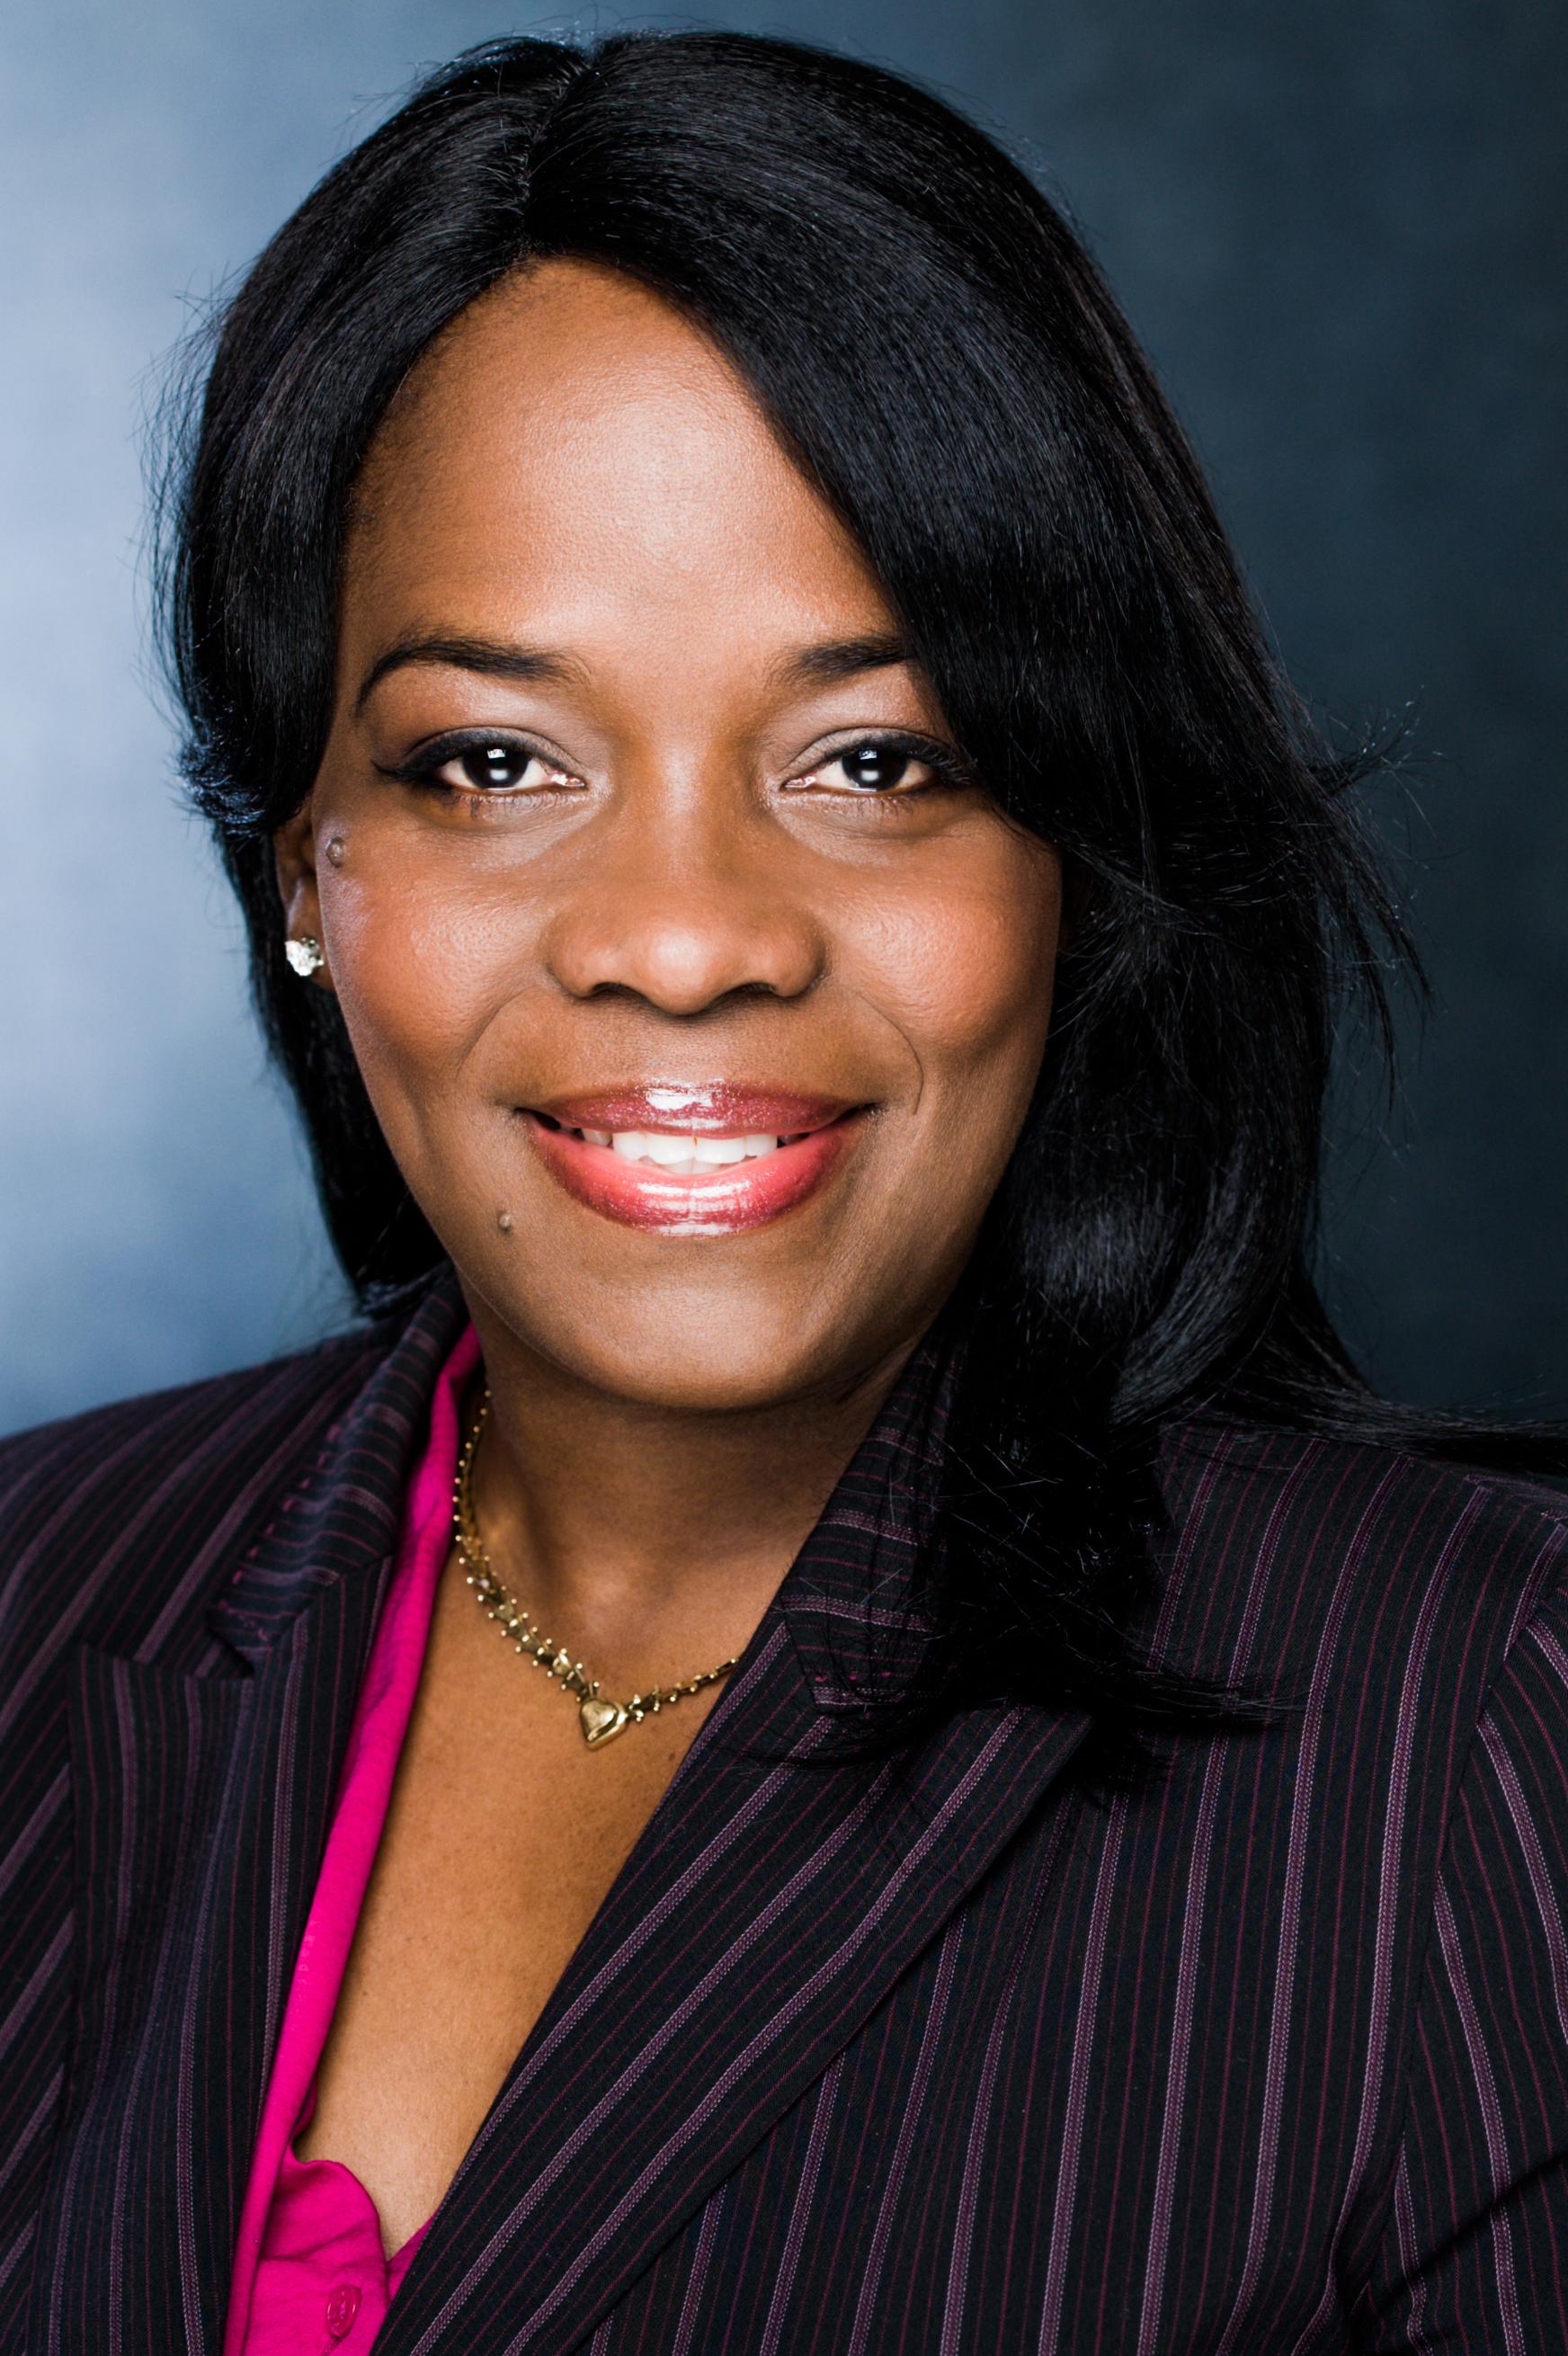 Marcia Nnorom